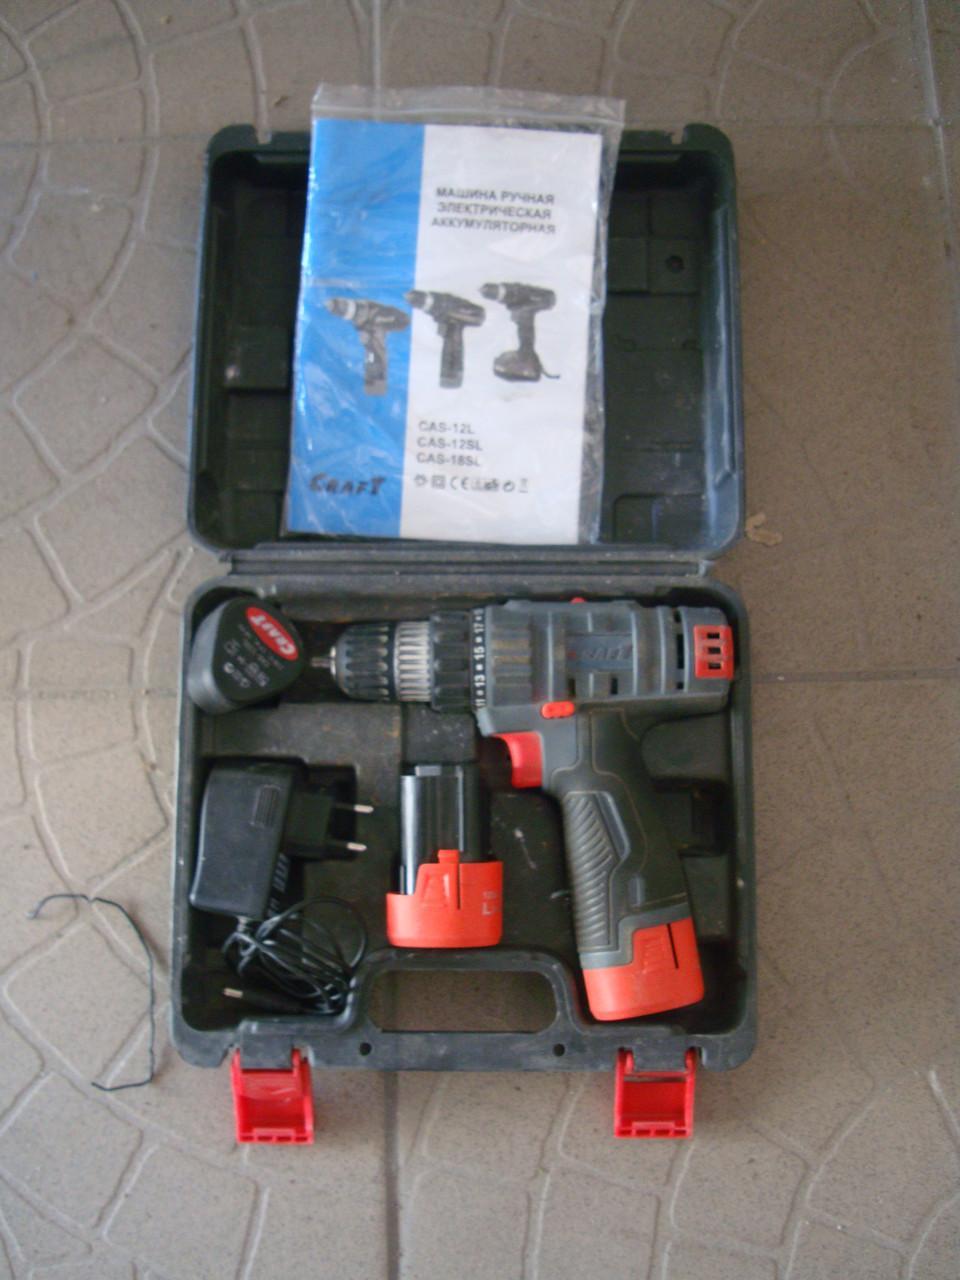 Шуруповерт аккумуляторный СRAFT CAS 12 SL